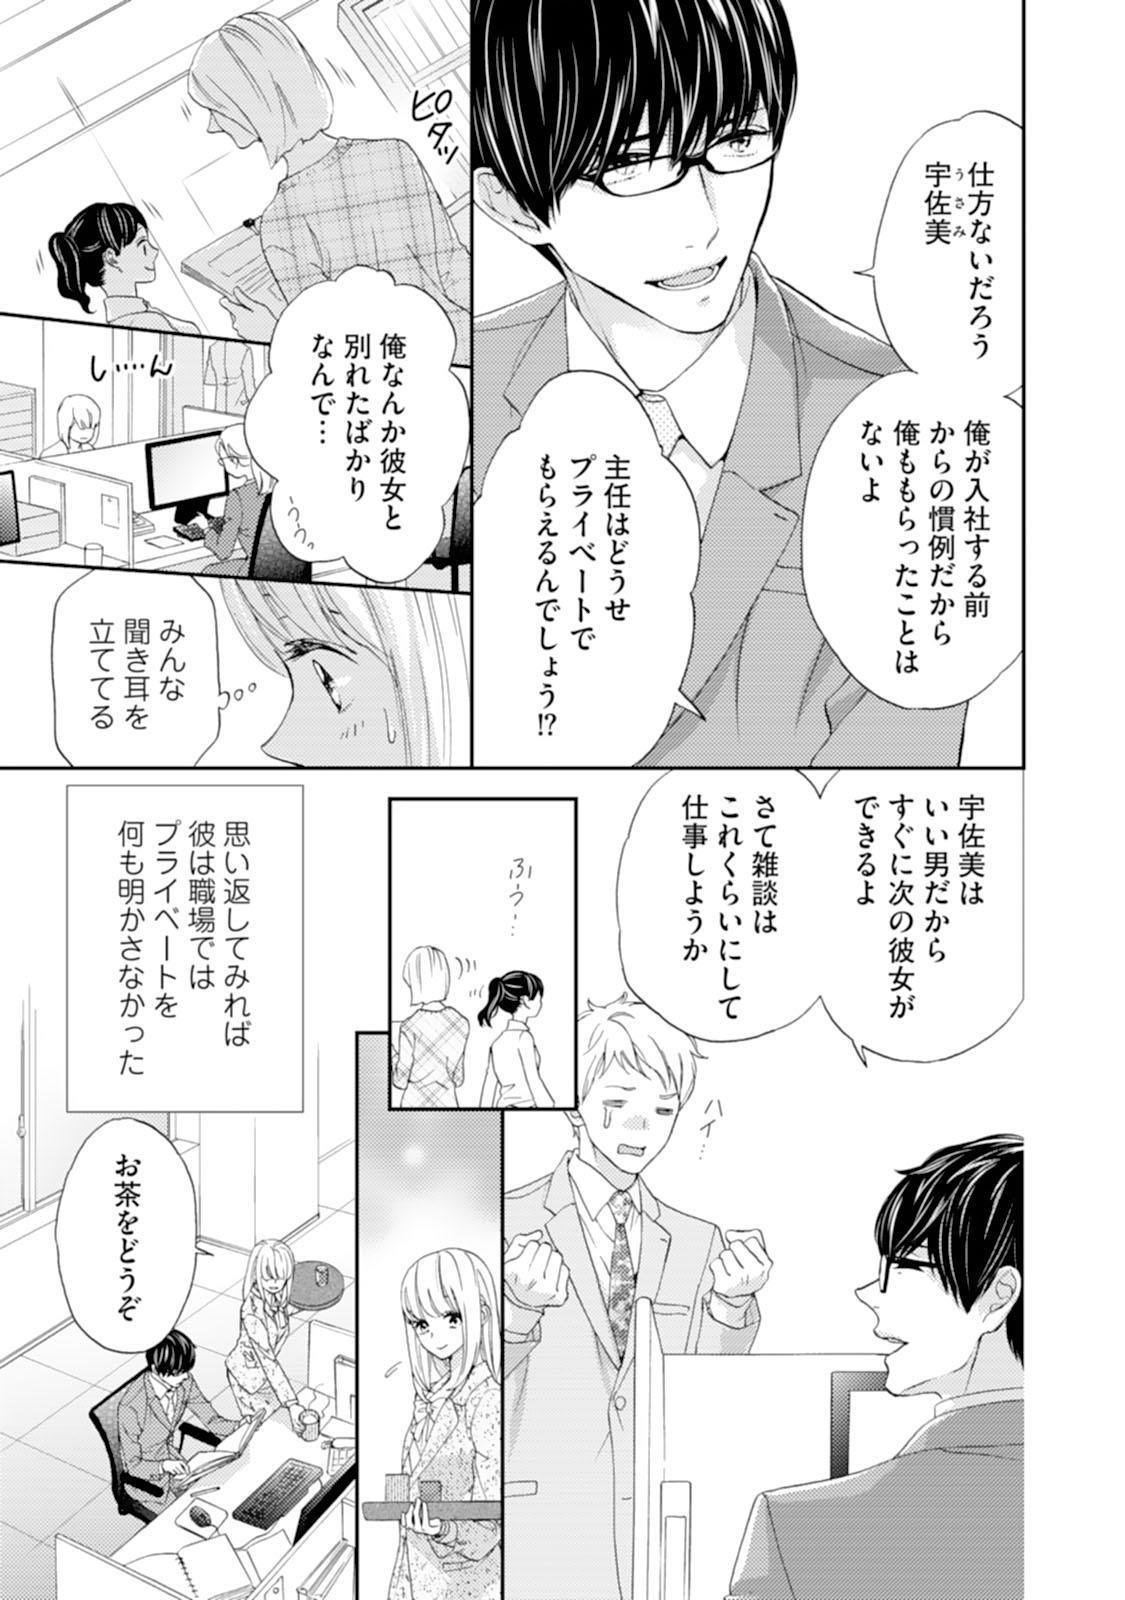 [Adumi Yuu] Choukyou-kei Danshi Ookami-sama to Koneko-chan Ch. 1-3 62